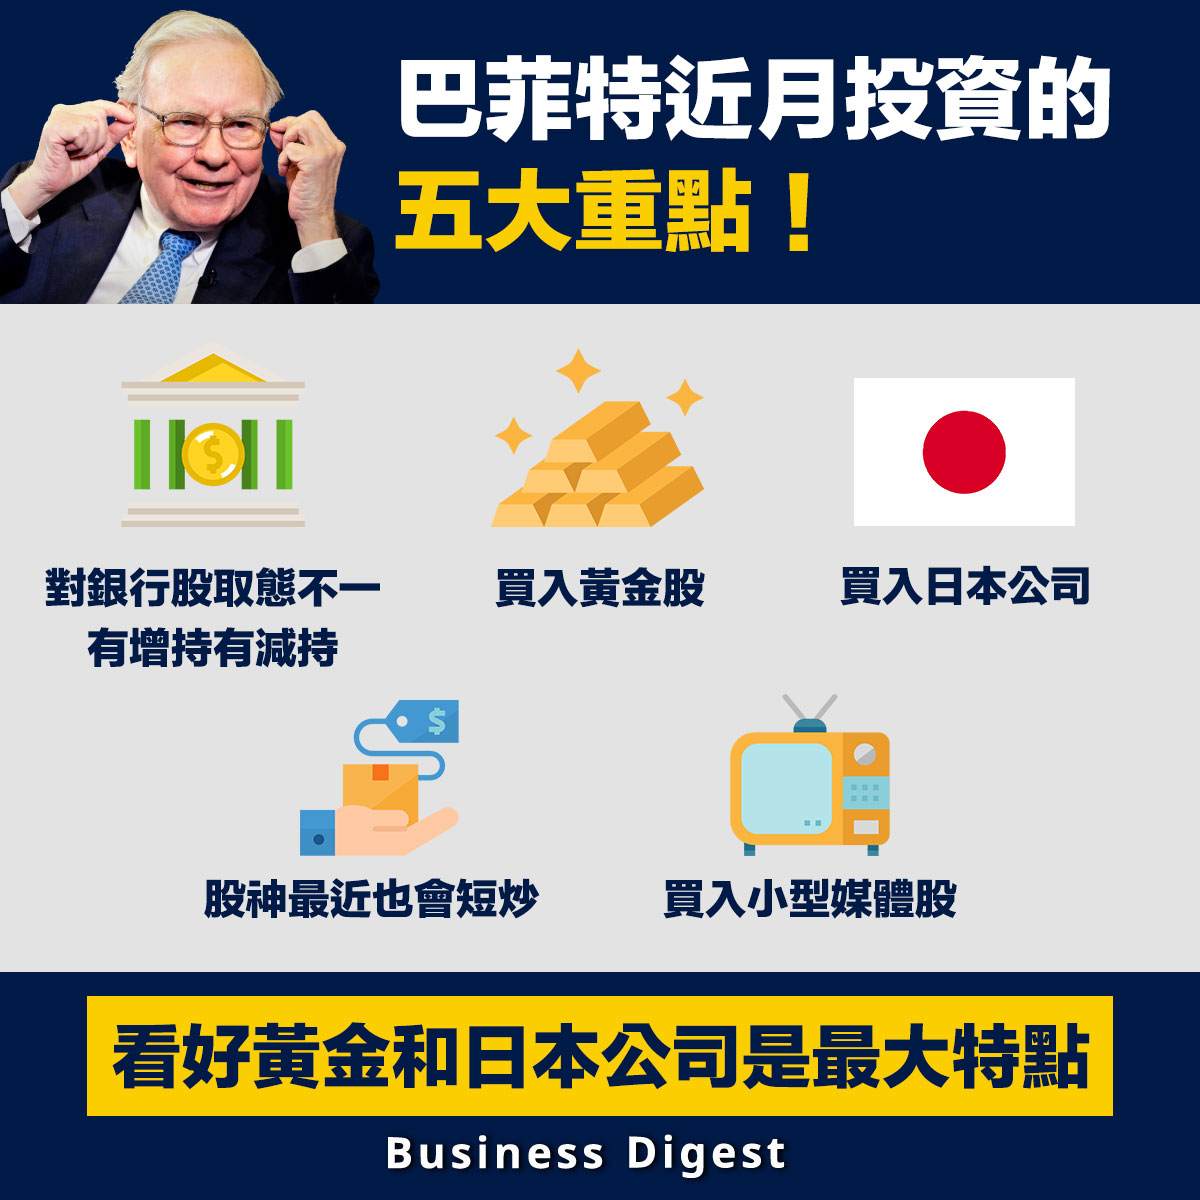 【股神動向】巴菲特近月投資的五大重點:看好黃金和日本公司是最大特點